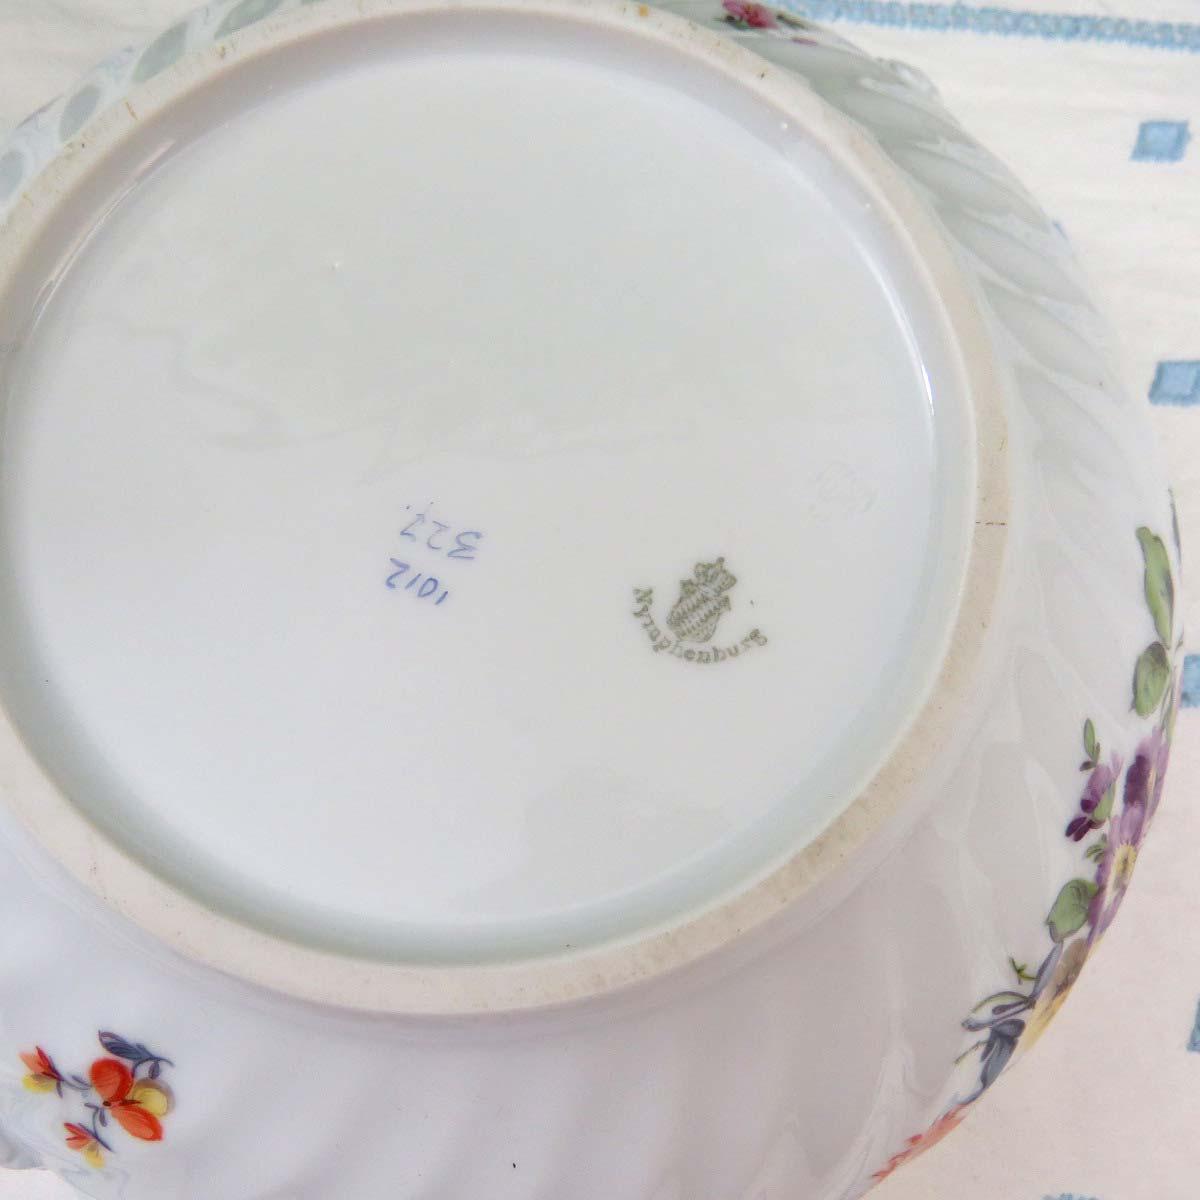 Nymphenburg porcelain marks dating apps